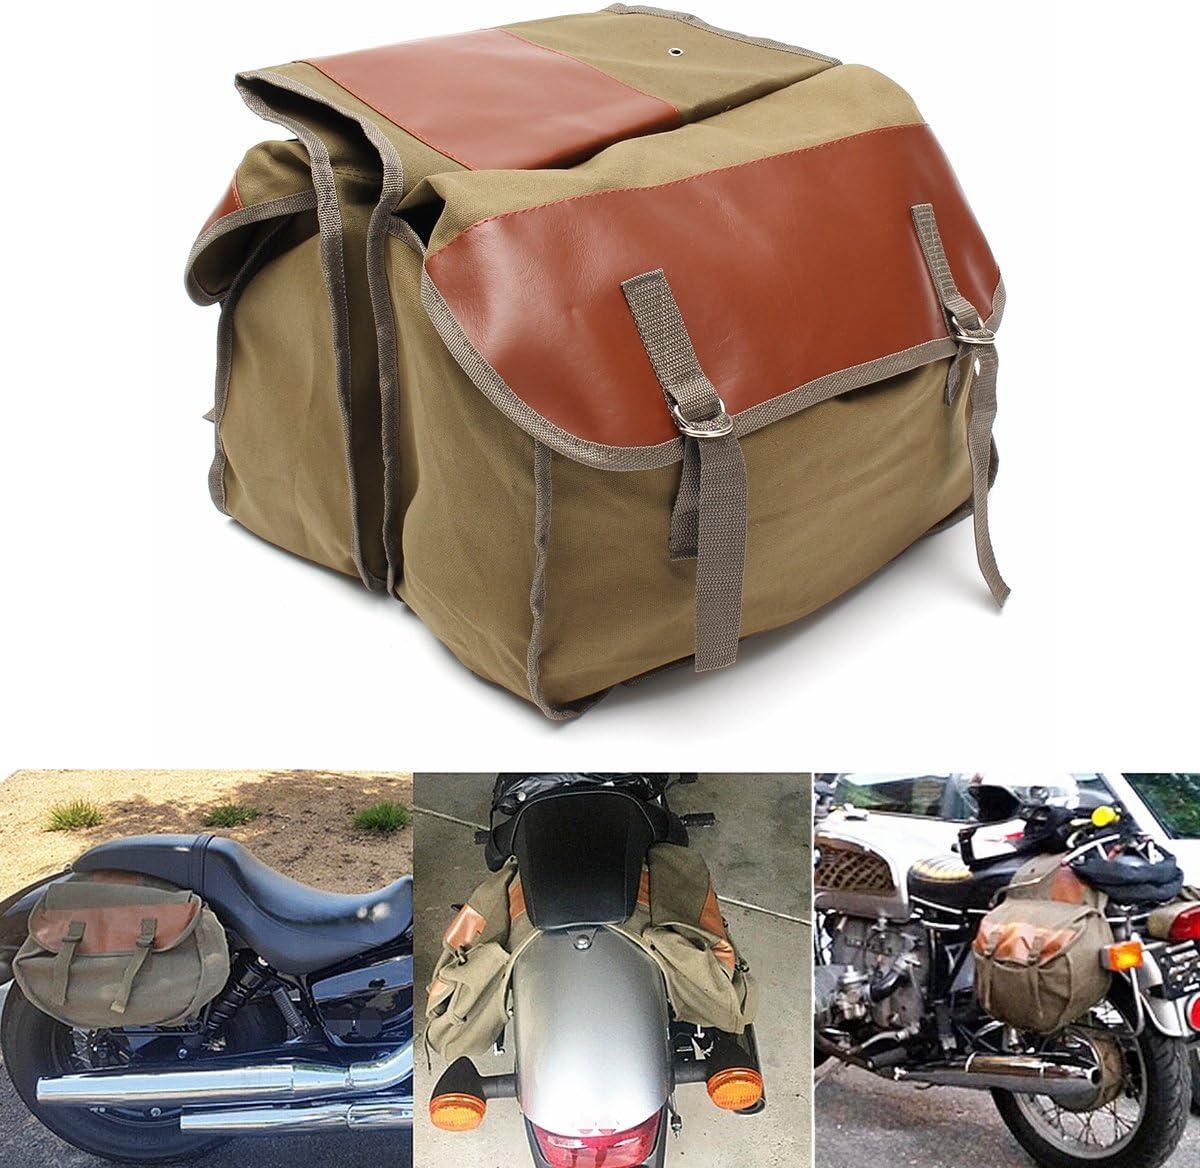 Alamor Lona De La Motocicleta Alforjas Volver Paquete Equino Para Haley Sportster/Honda